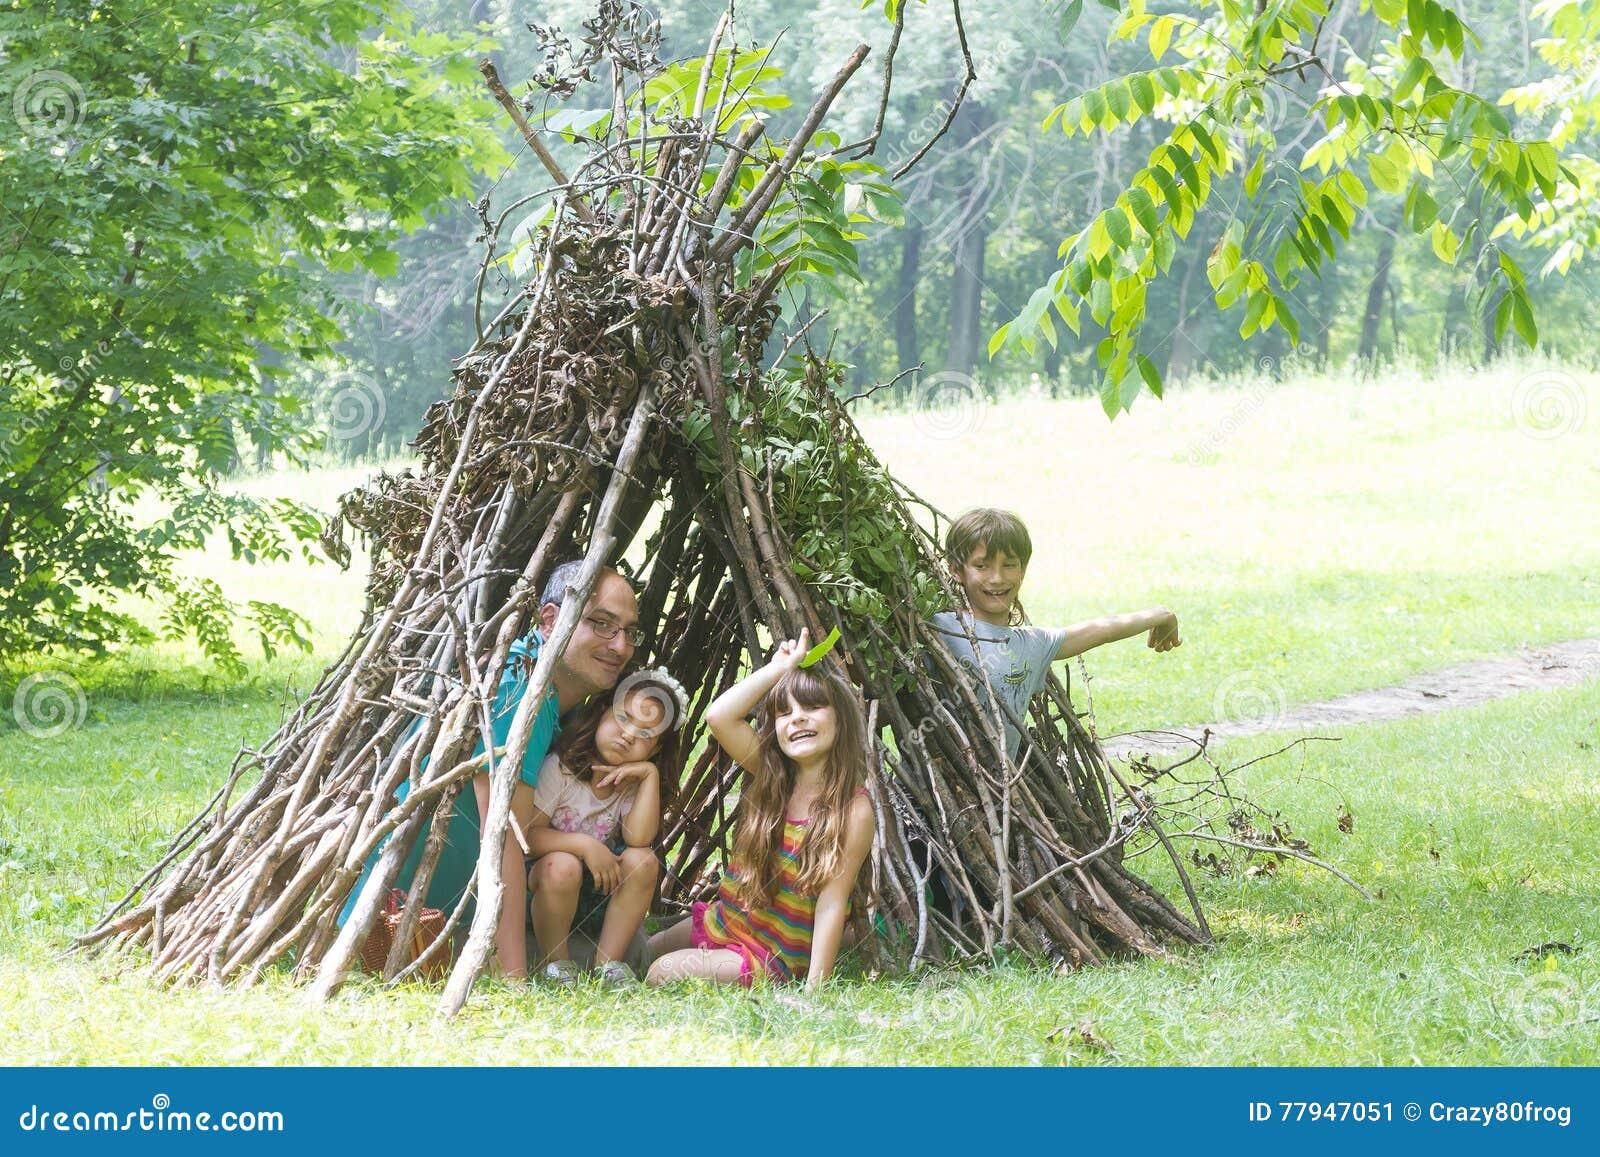 Παιδιά που παίζουν δίπλα ξύλινο να μοιάσει σπιτιών ραβδιών με την ινδική καλύβα,